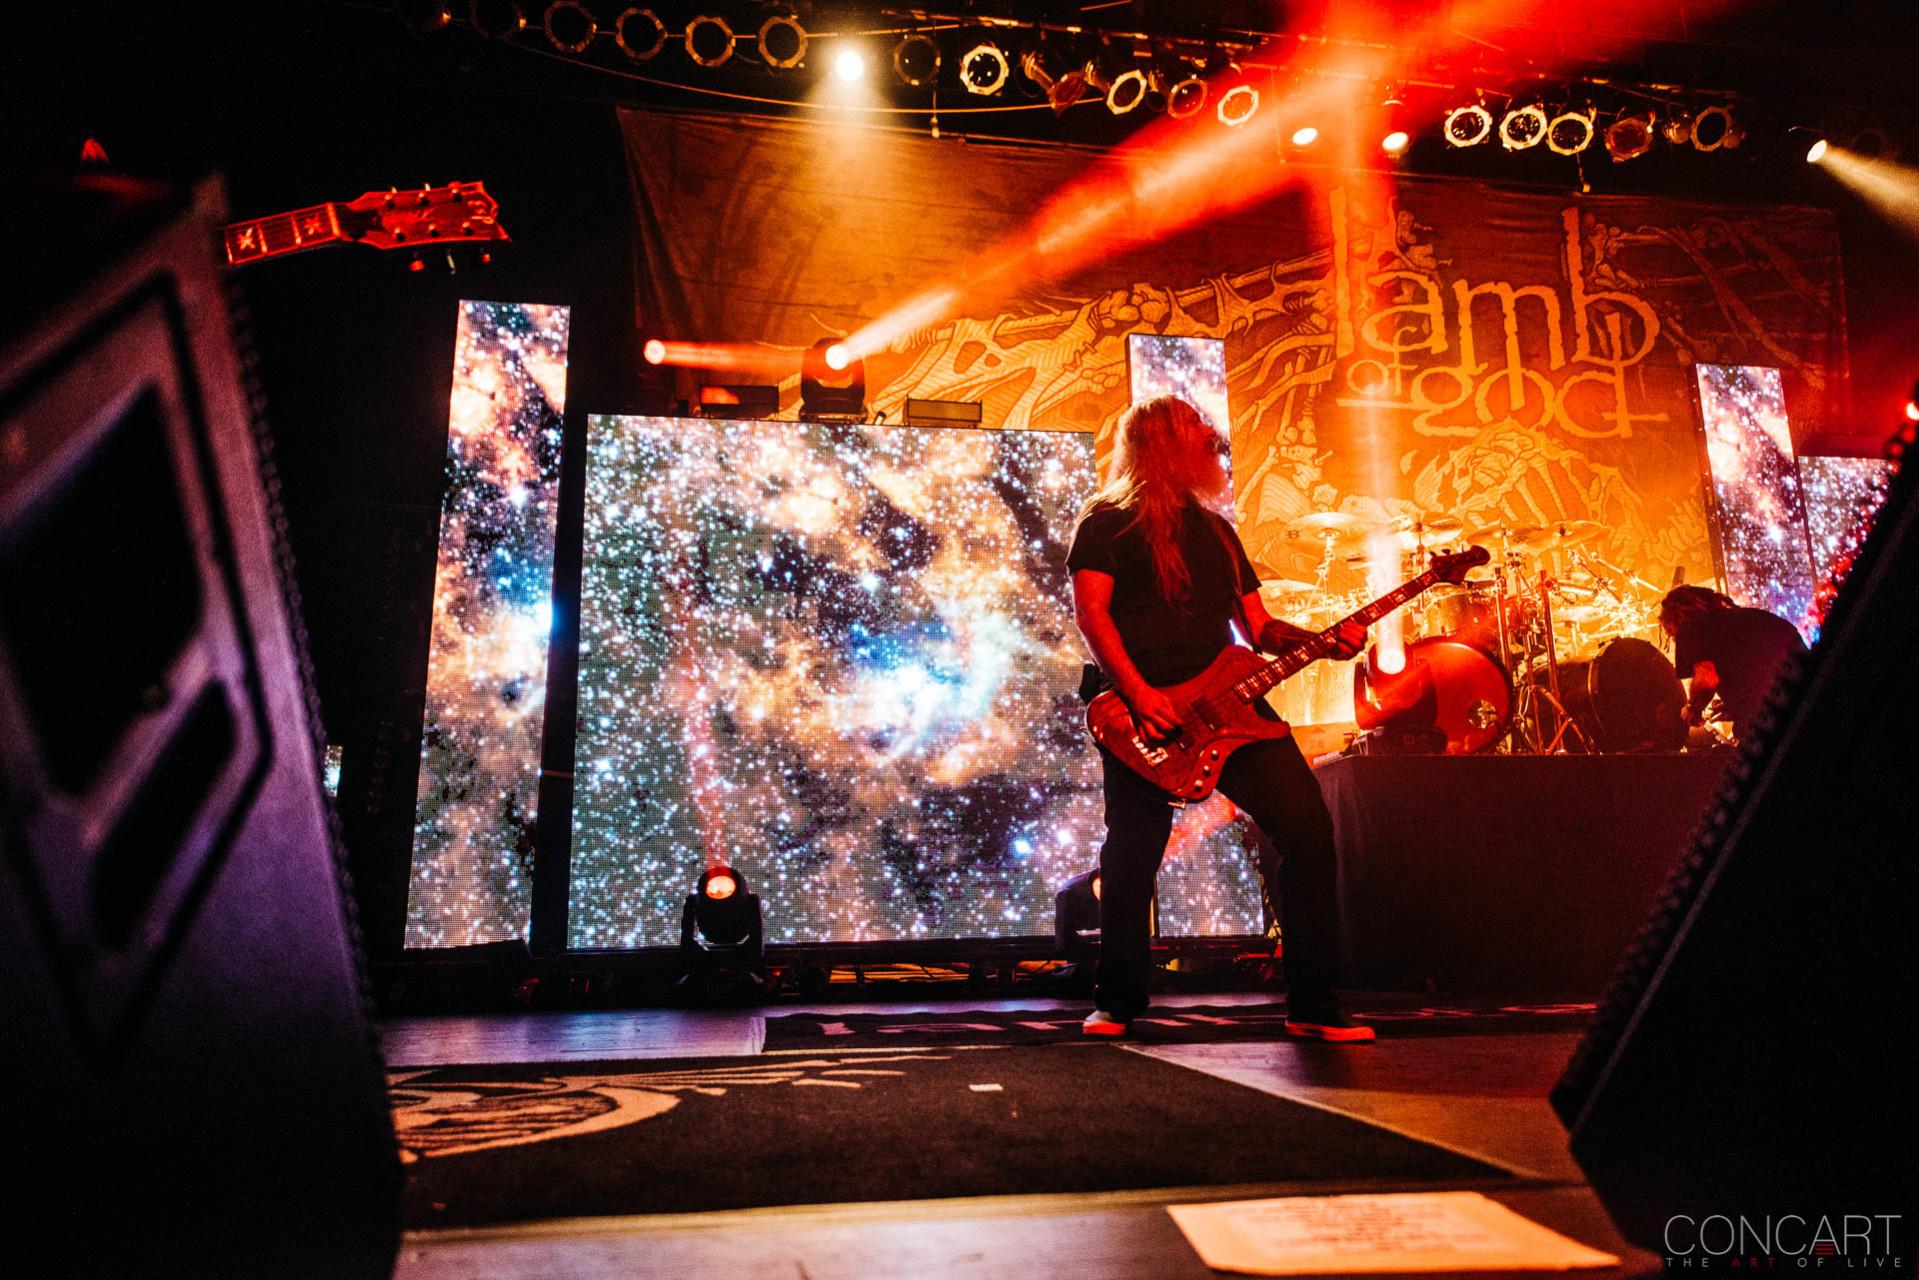 Lamb of God photo by Sean Molin 29